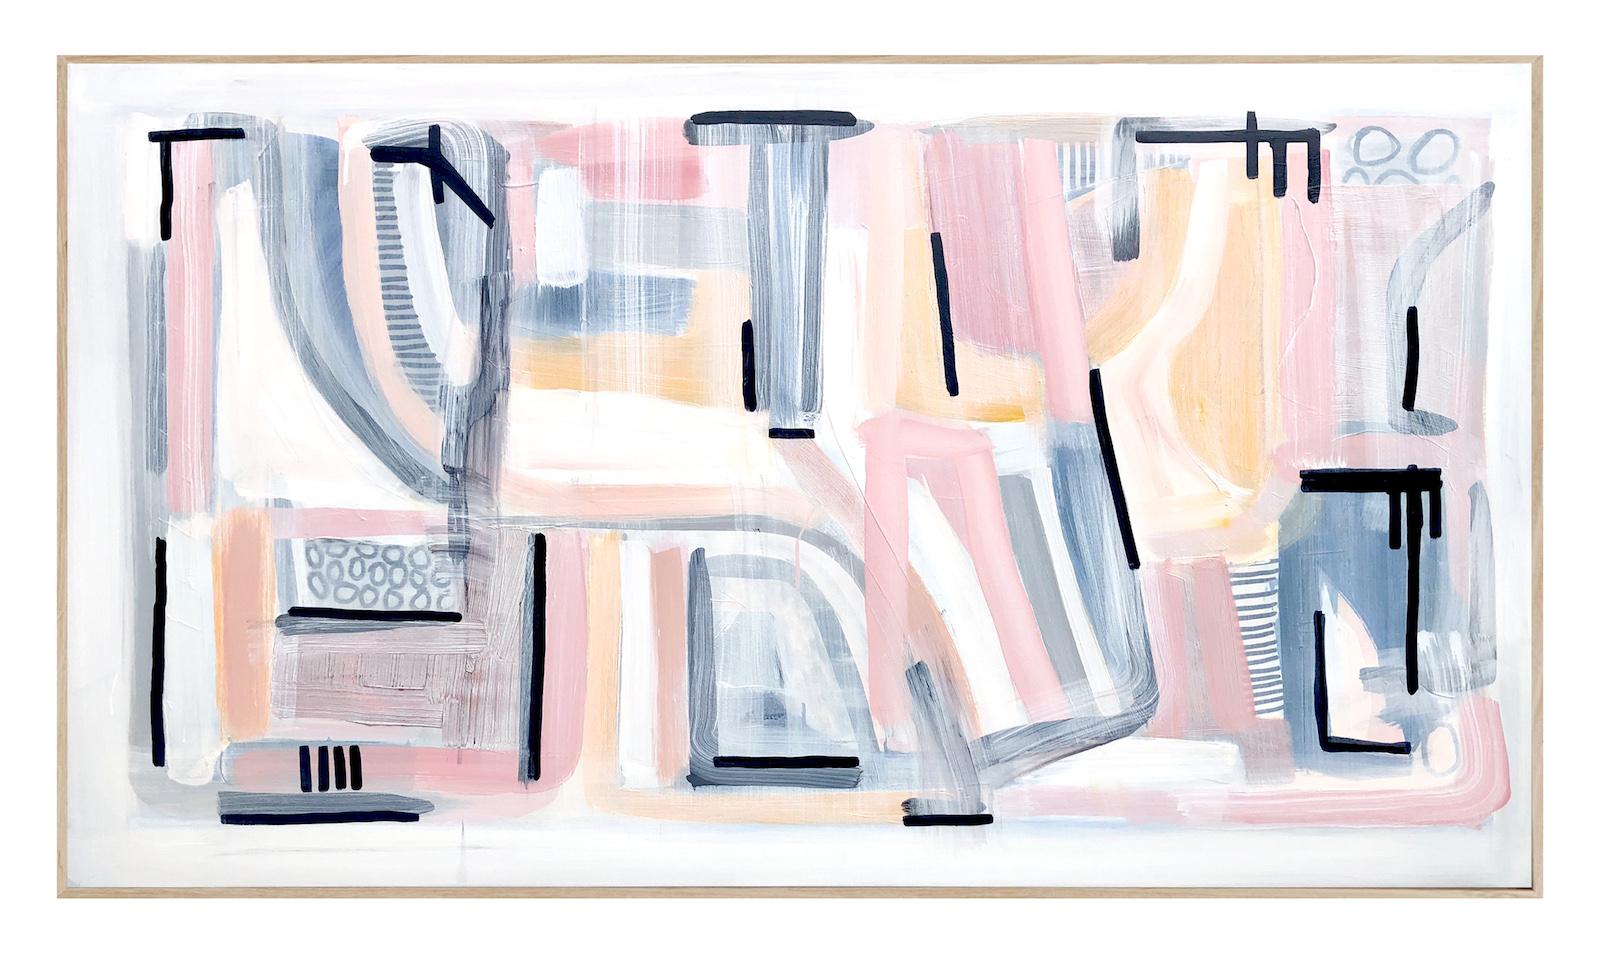 Harmony By David Weir